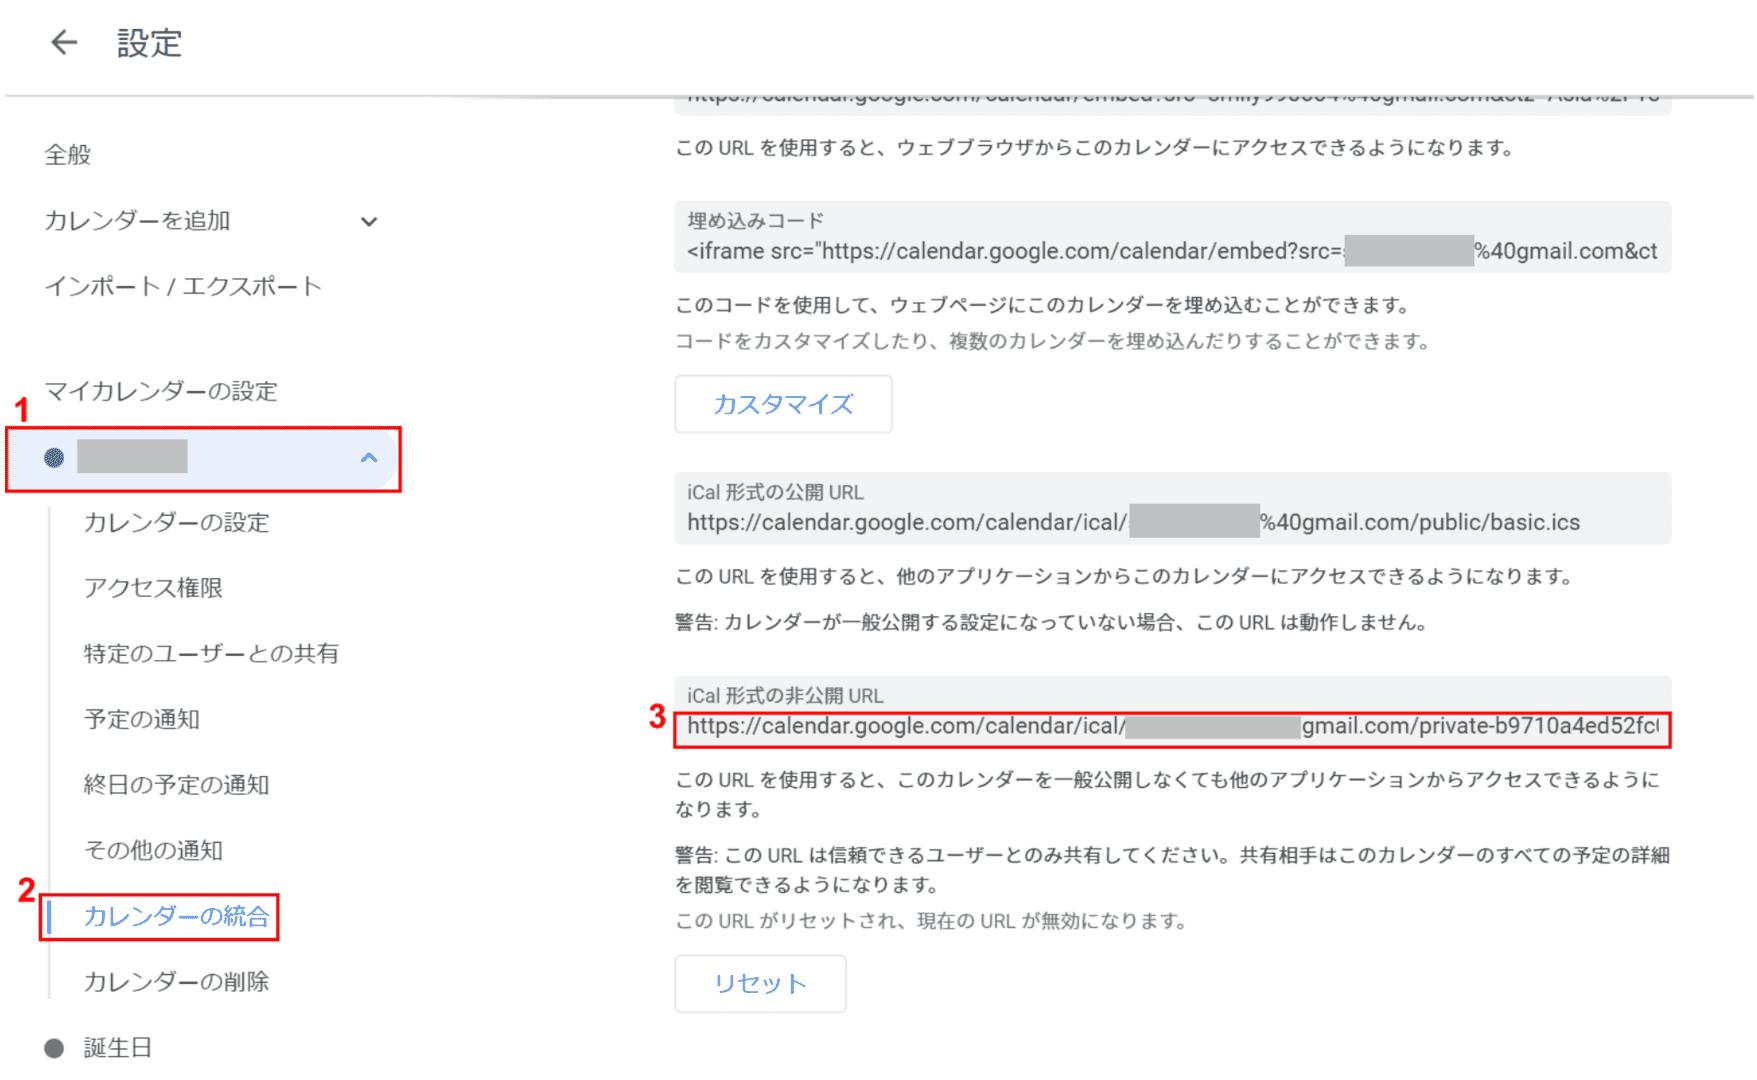 非公開URLの取得